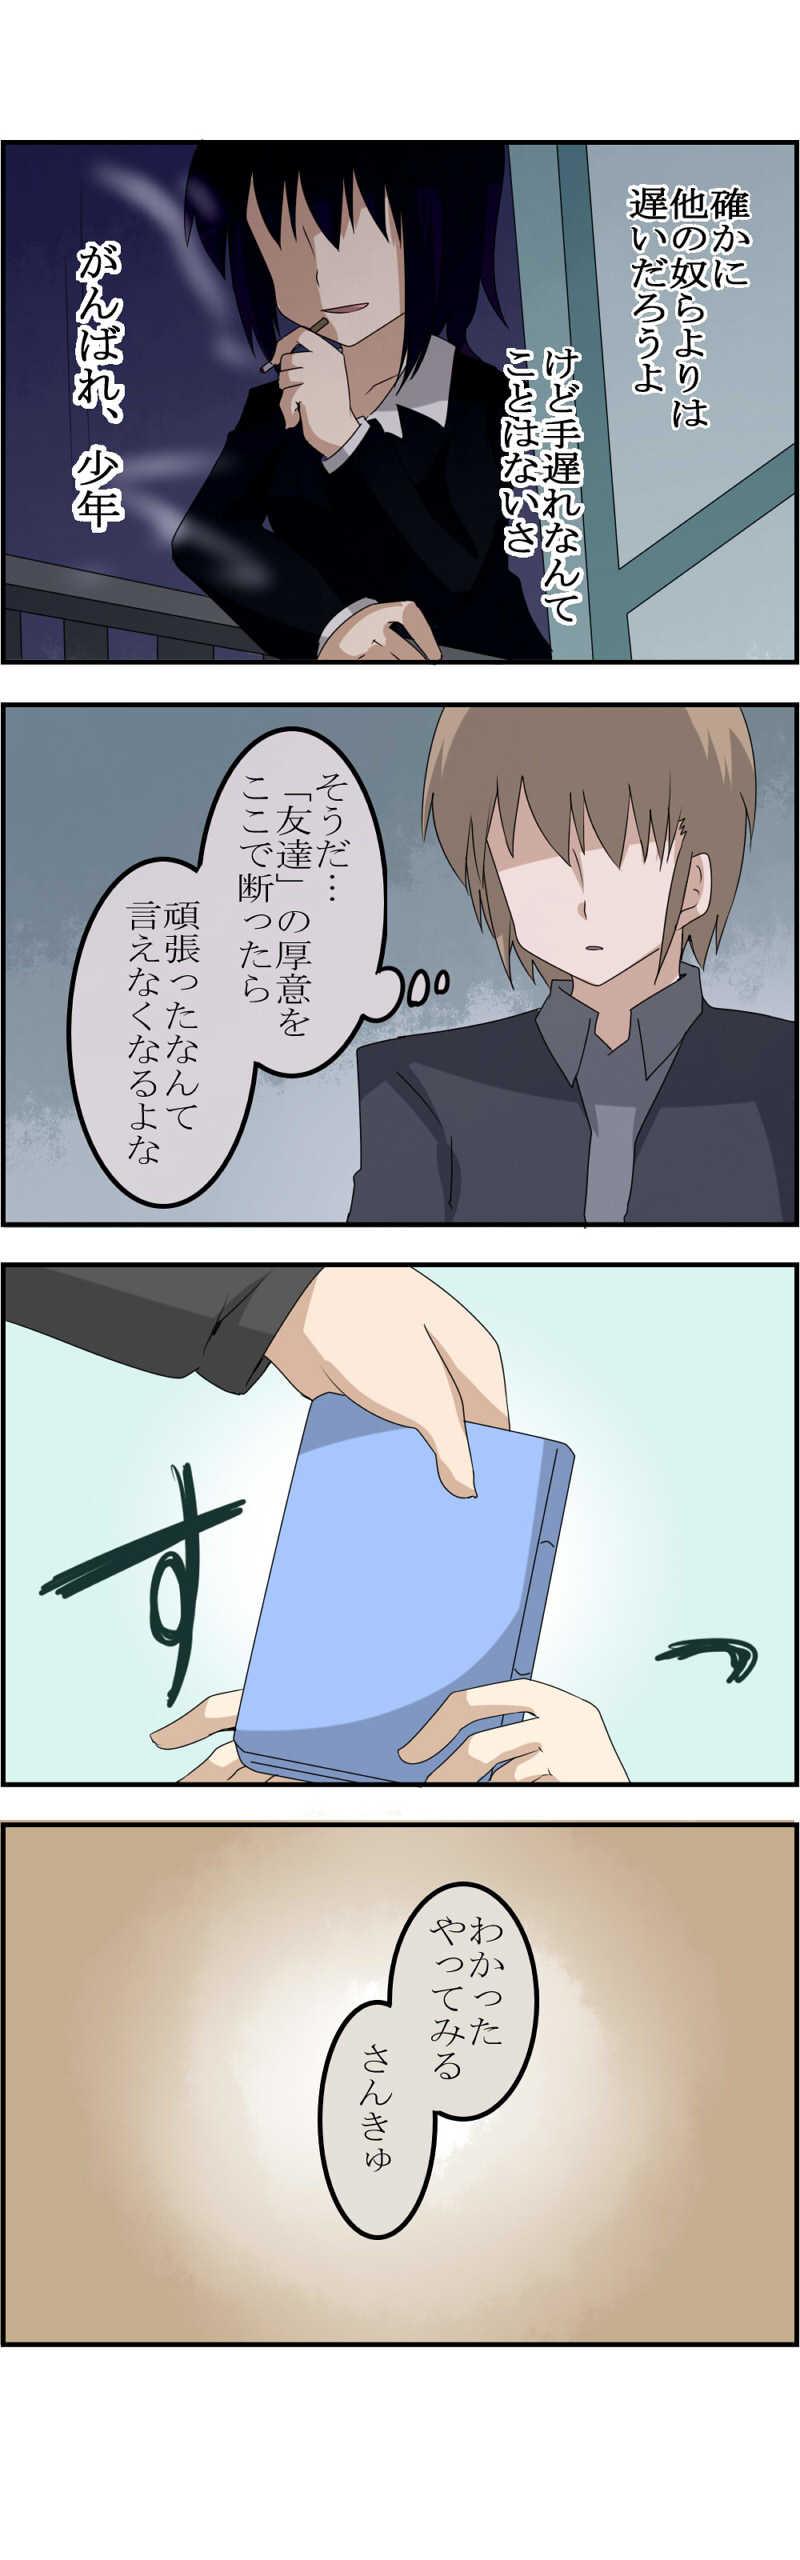 第11話 雨のち煙①